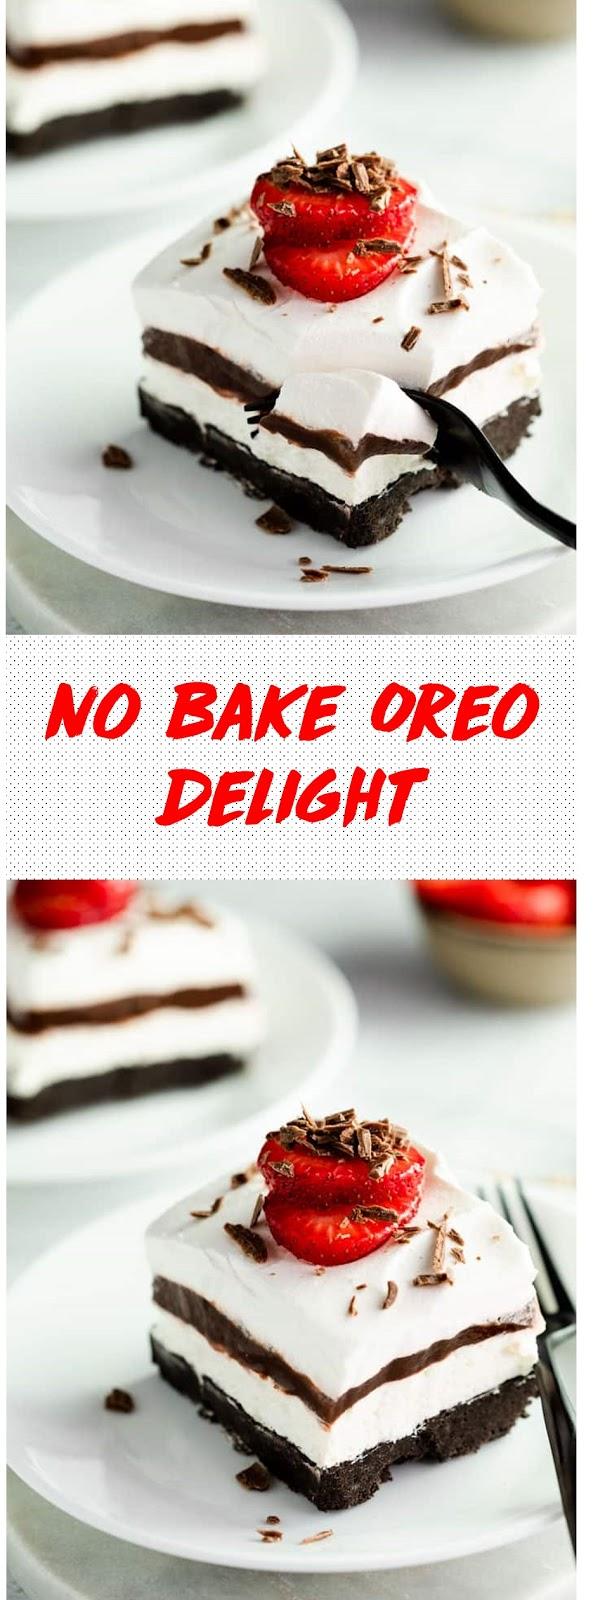 No Bake Oreo Delight